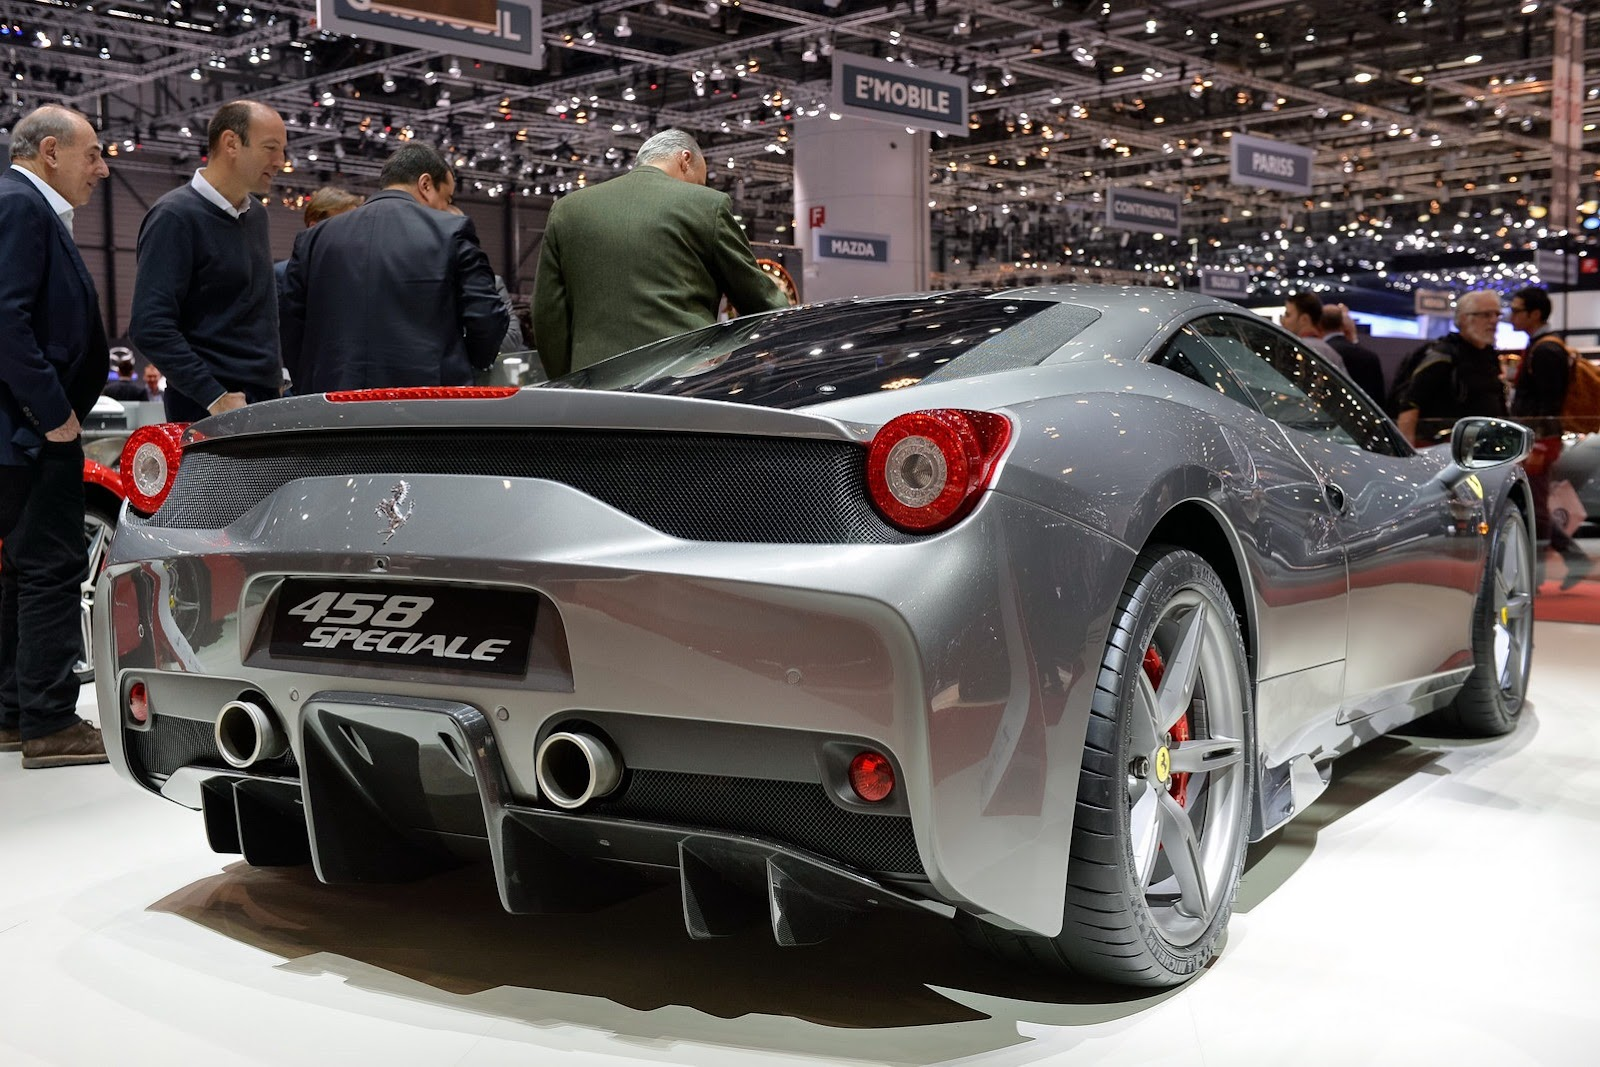 http://lh4.ggpht.com/-T8egWSGl77k/Uxc4ycLTs4I/AAAAAAAQVYM/a-TuaWCmJaY/s1600/Ferrari-458-Speciale-4%25255B2%25255D.jpg